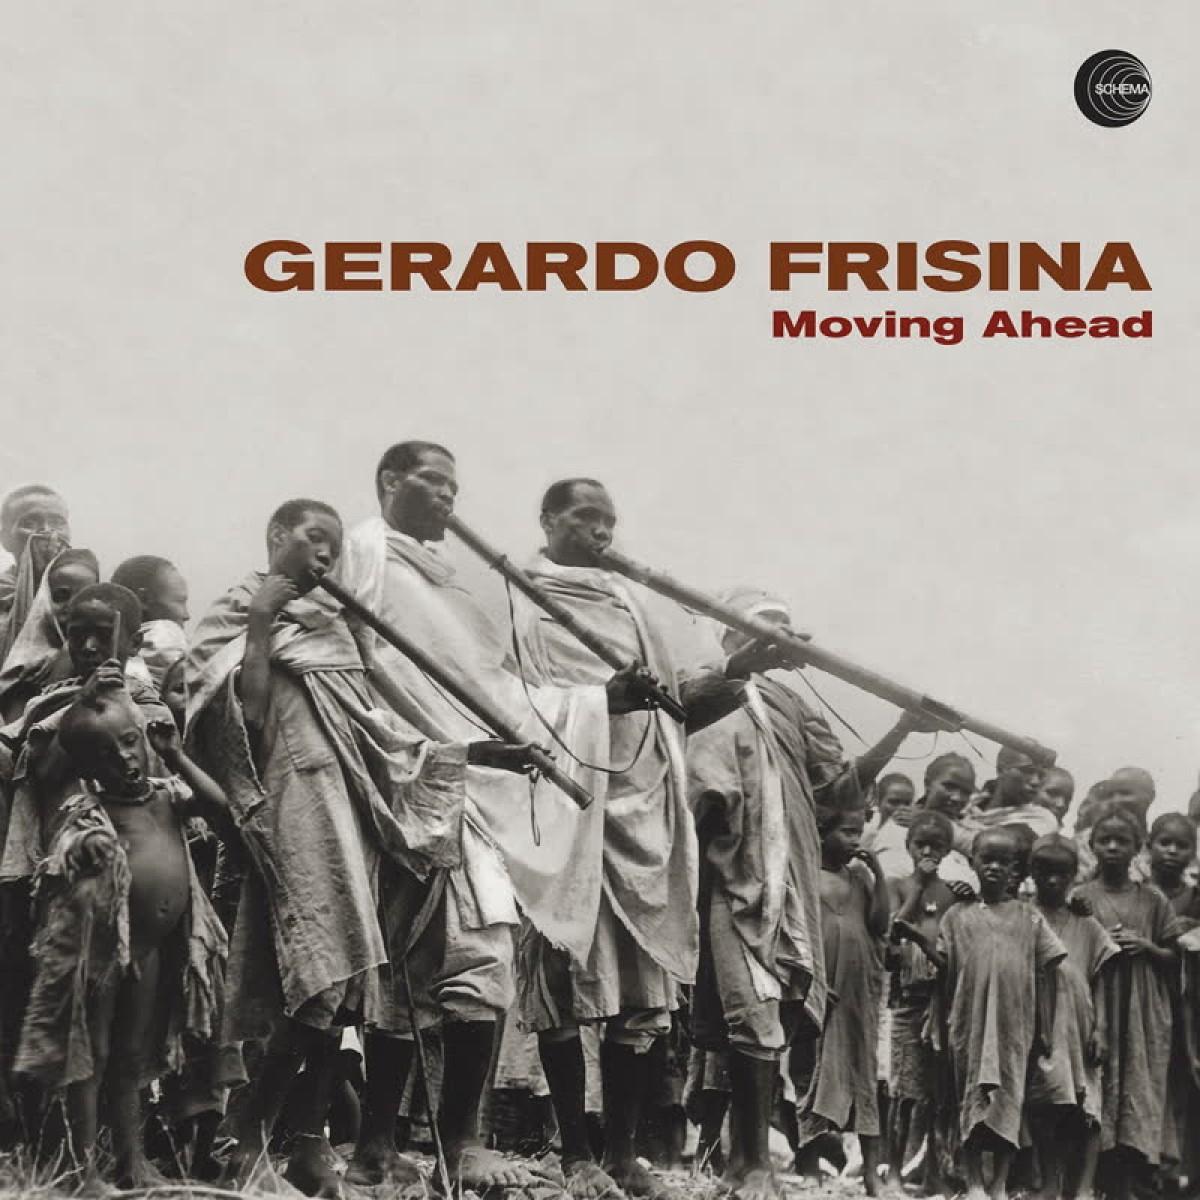 GERARDO FRISINA - Moving Ahead cover